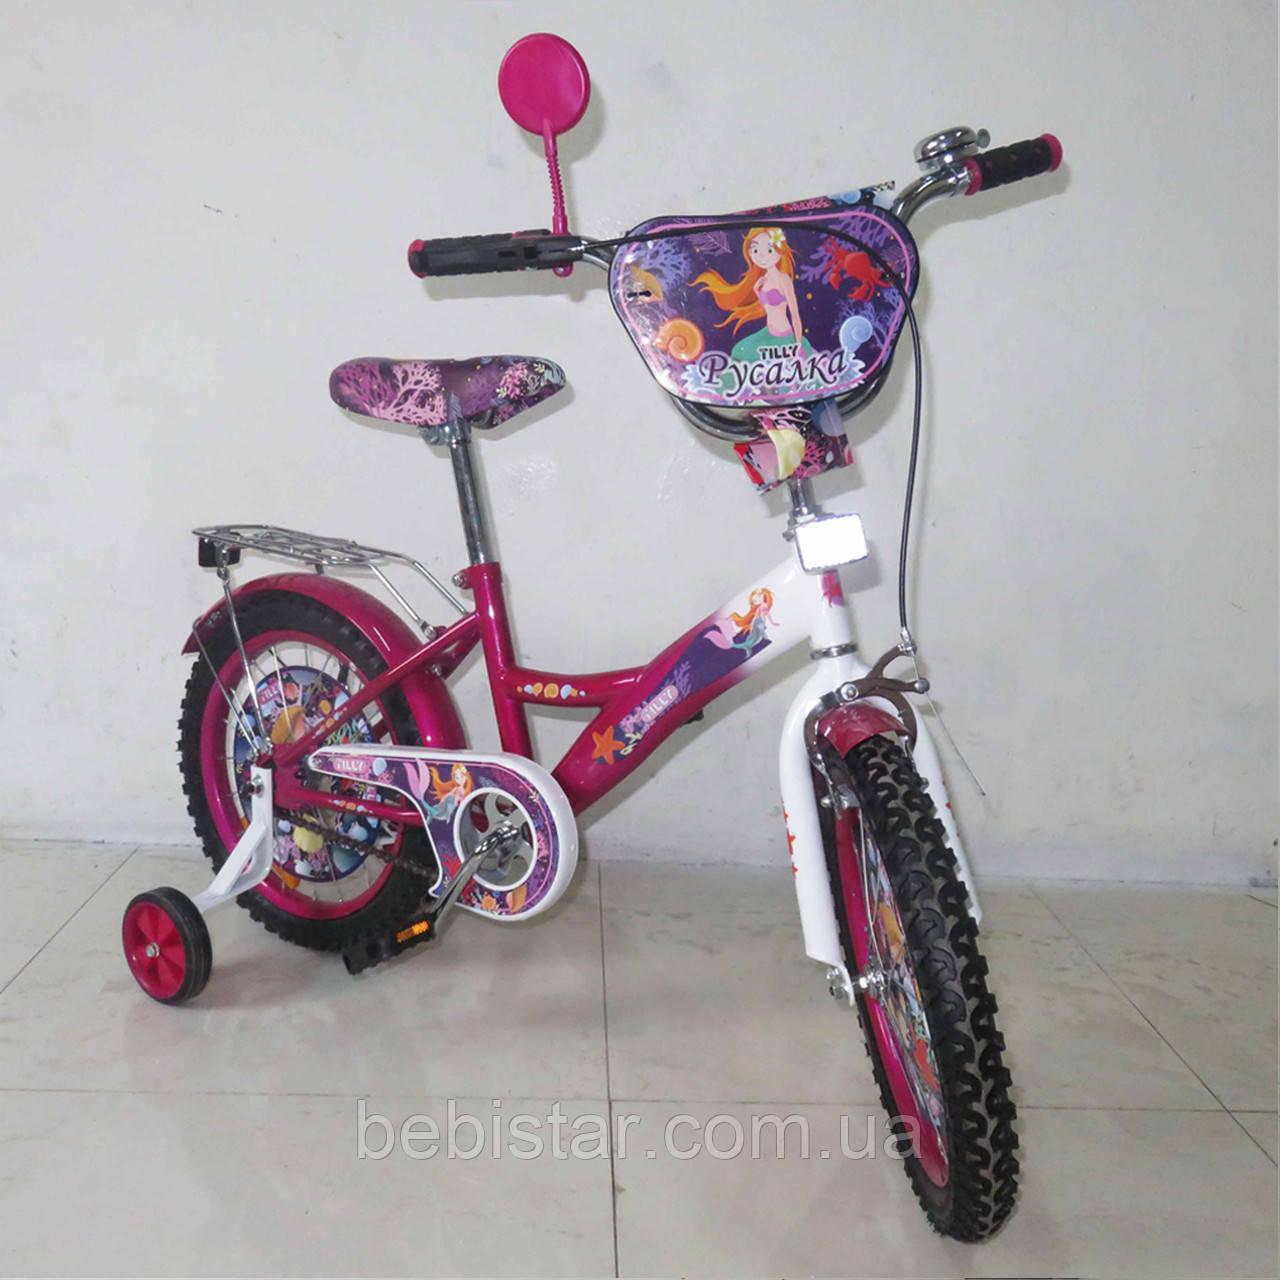 """Детский двухколесный велосипед TILLY 16"""" 16Т-216210 для деток 4-6 лет, фиолетовый"""